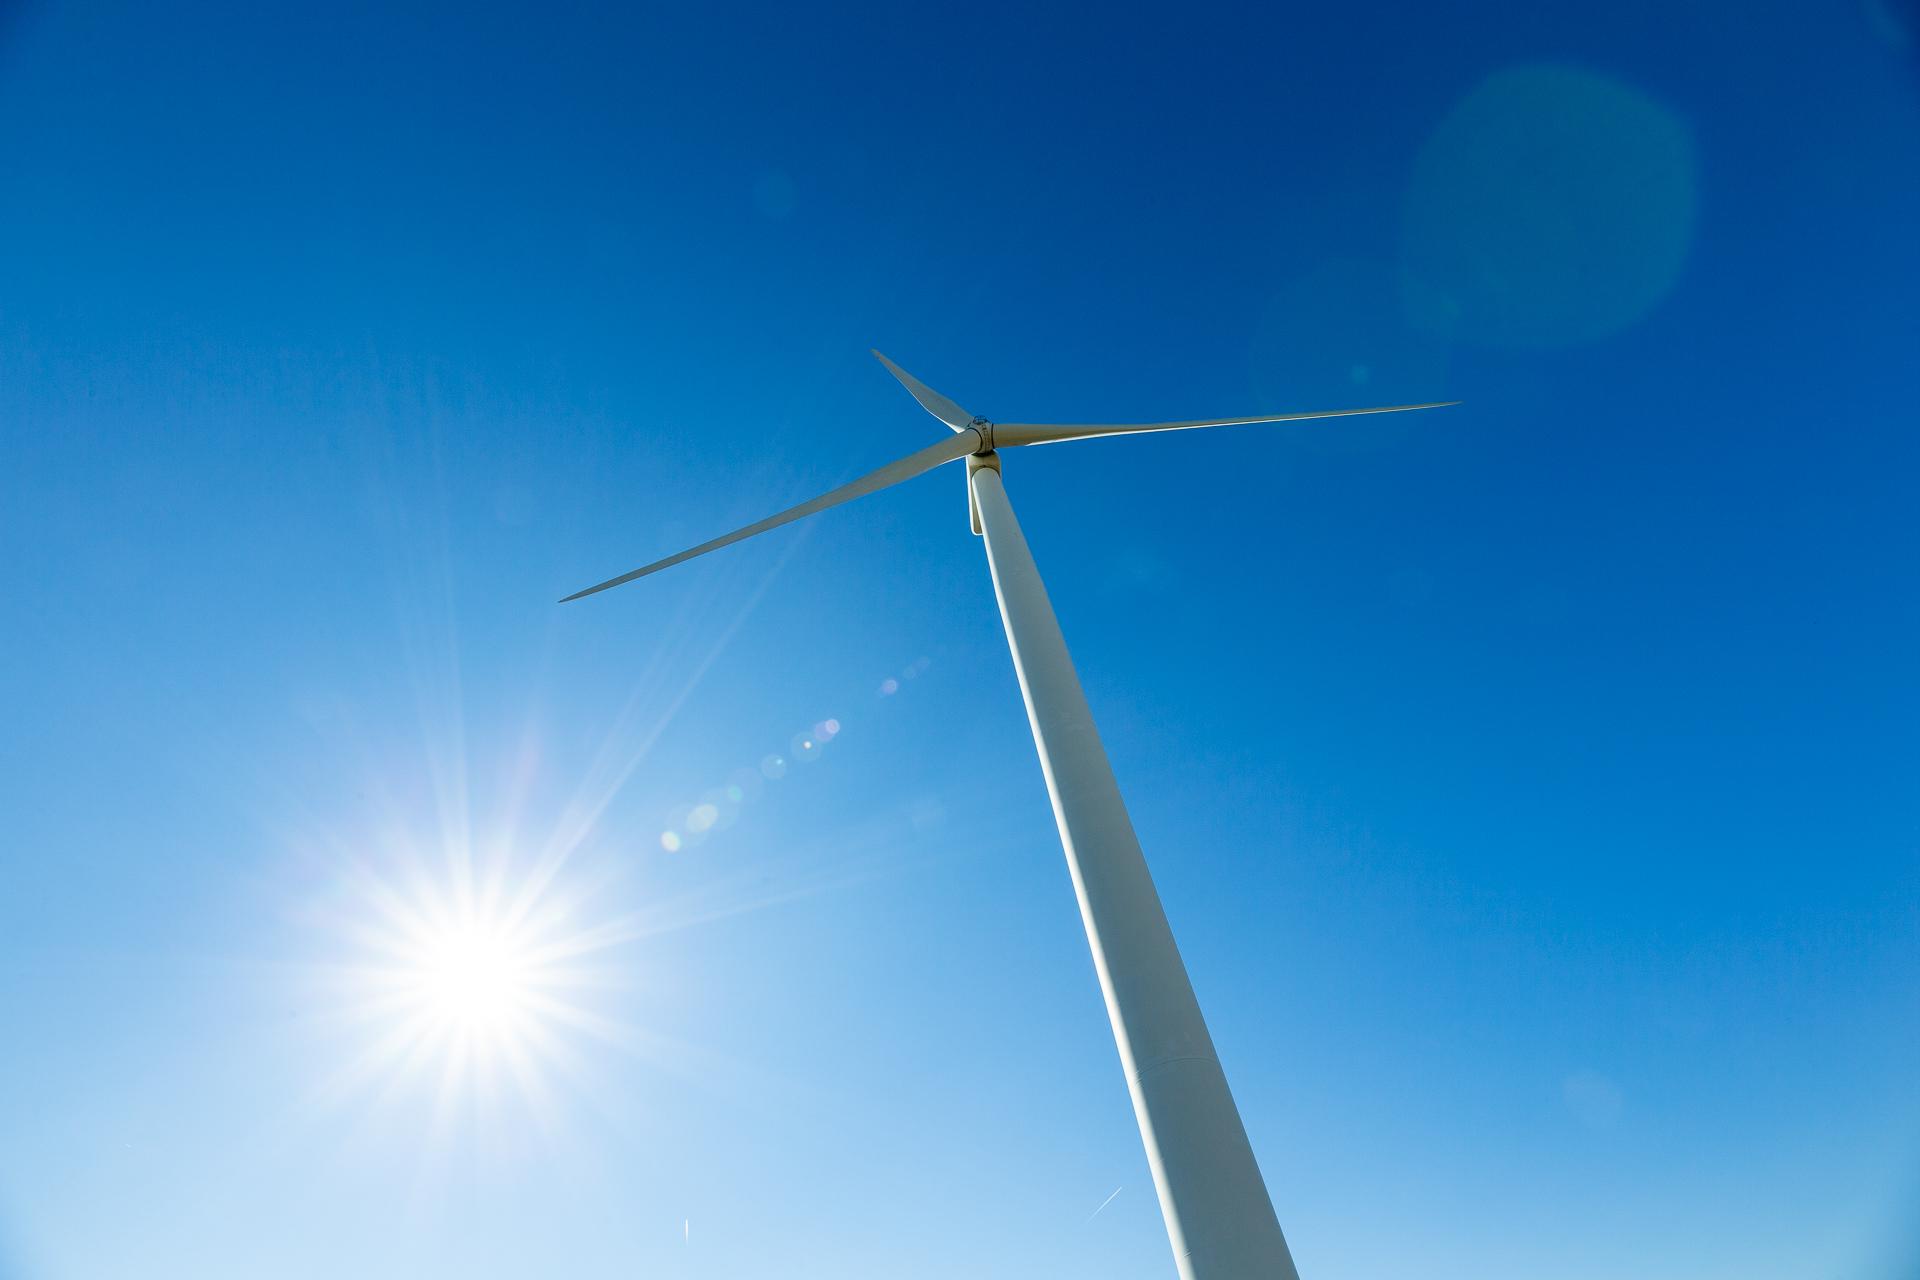 Kallista_Energy_Picardie_Breteuil-3838©Stephane_Leroy.jpg